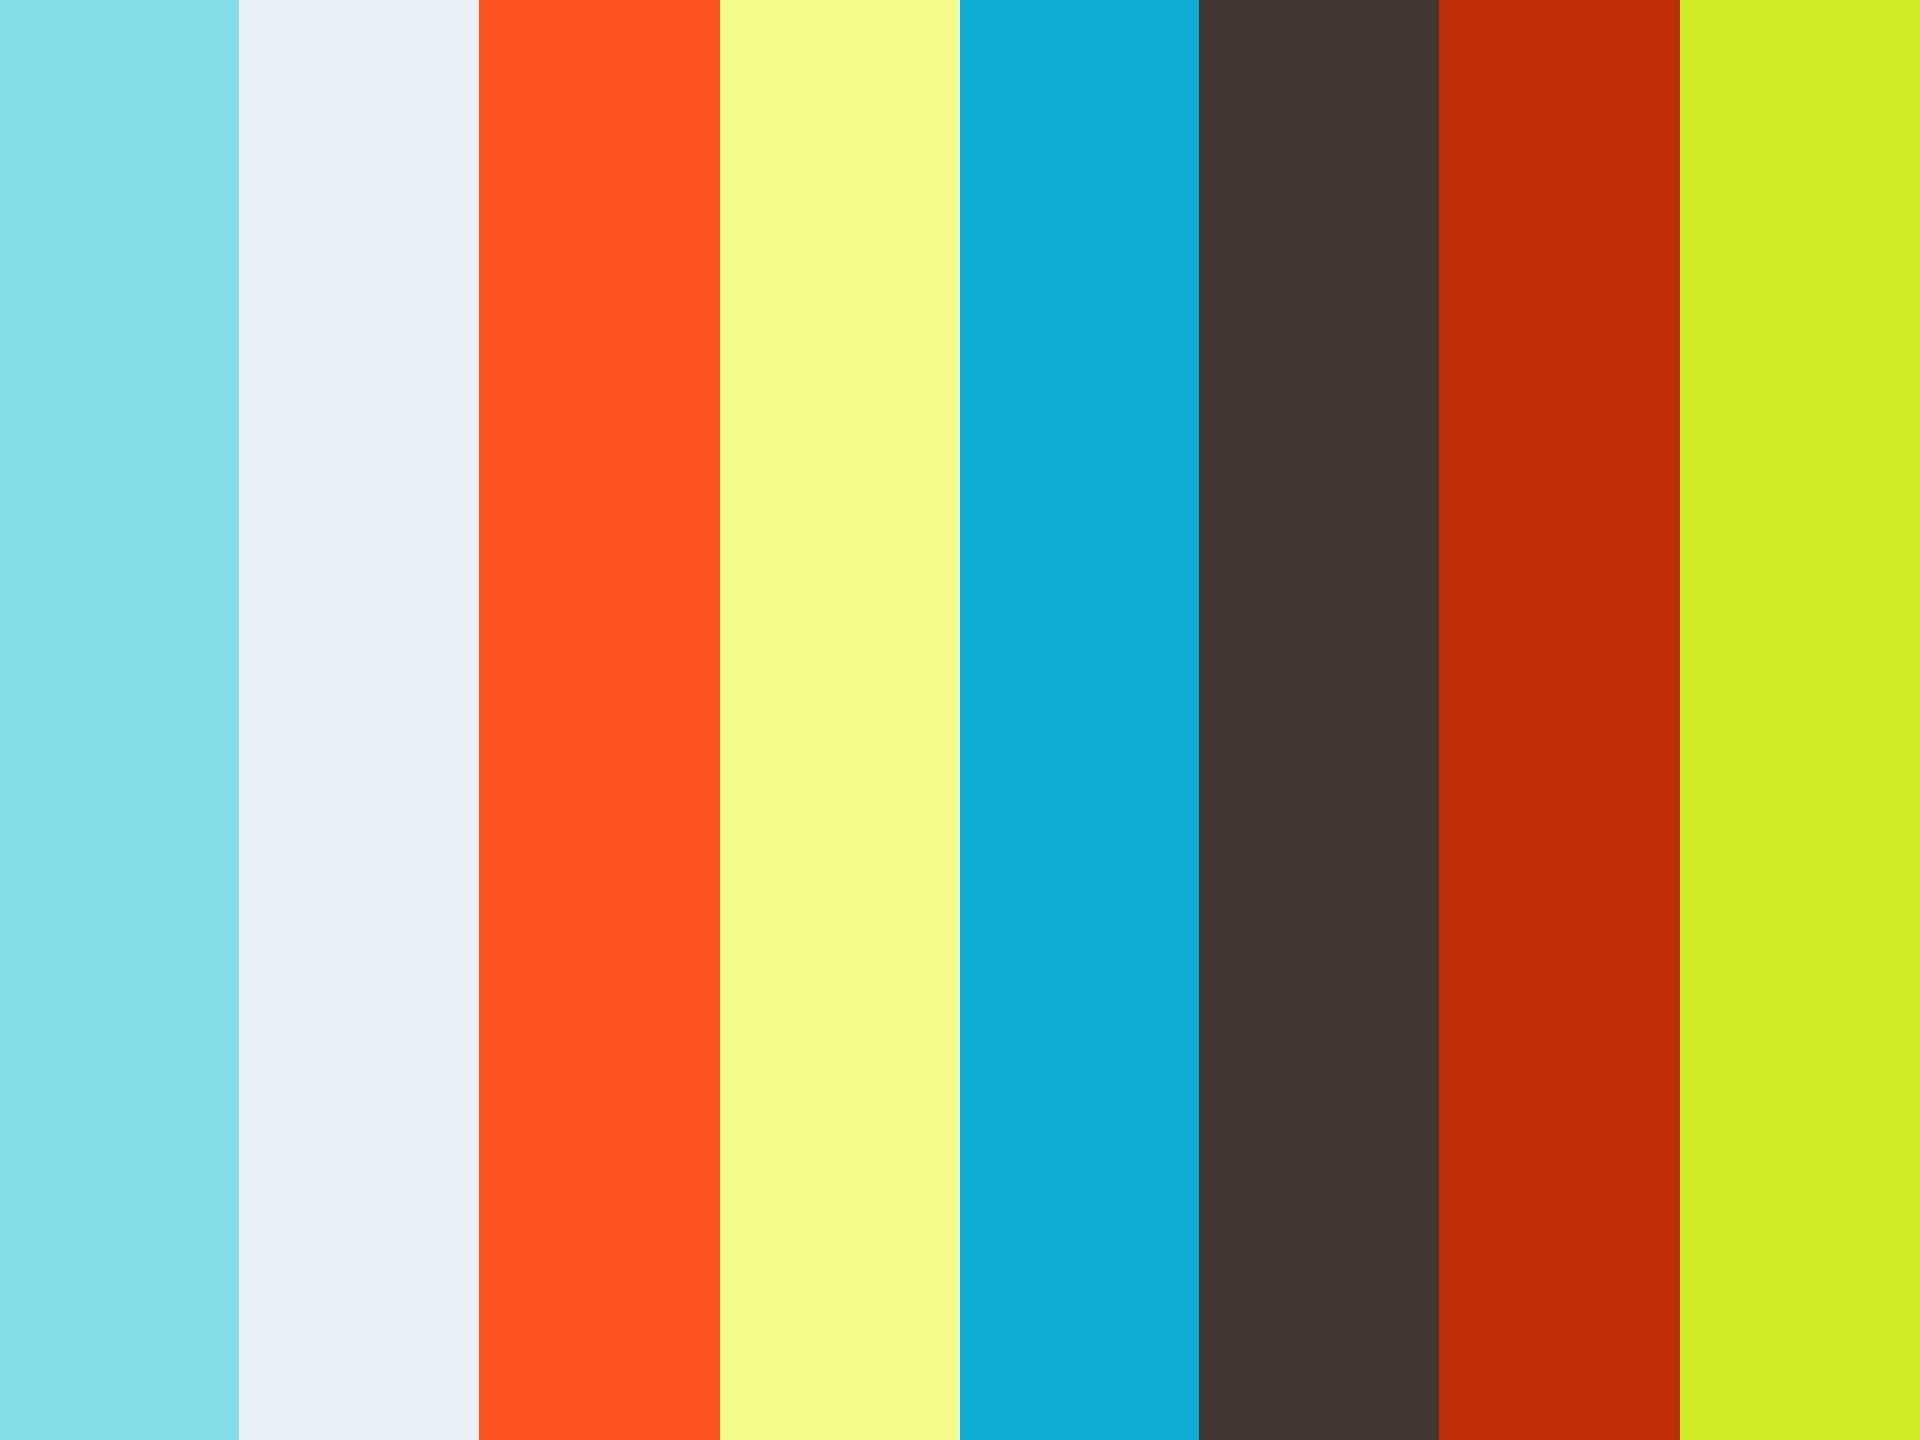 neptune apex wiring diagram with Neptune Apex Wiring Diagram on Apex Feed Mode Programming Wiring Diagrams in addition Neptune Apex 24v Wiring Diagram together with Neptune Apex Wiring Diagram furthermore Mtd Yard Machines Parts Diagram Wiring Diagrams furthermore Beverage Air Ef24 1as Wiring Diagram.